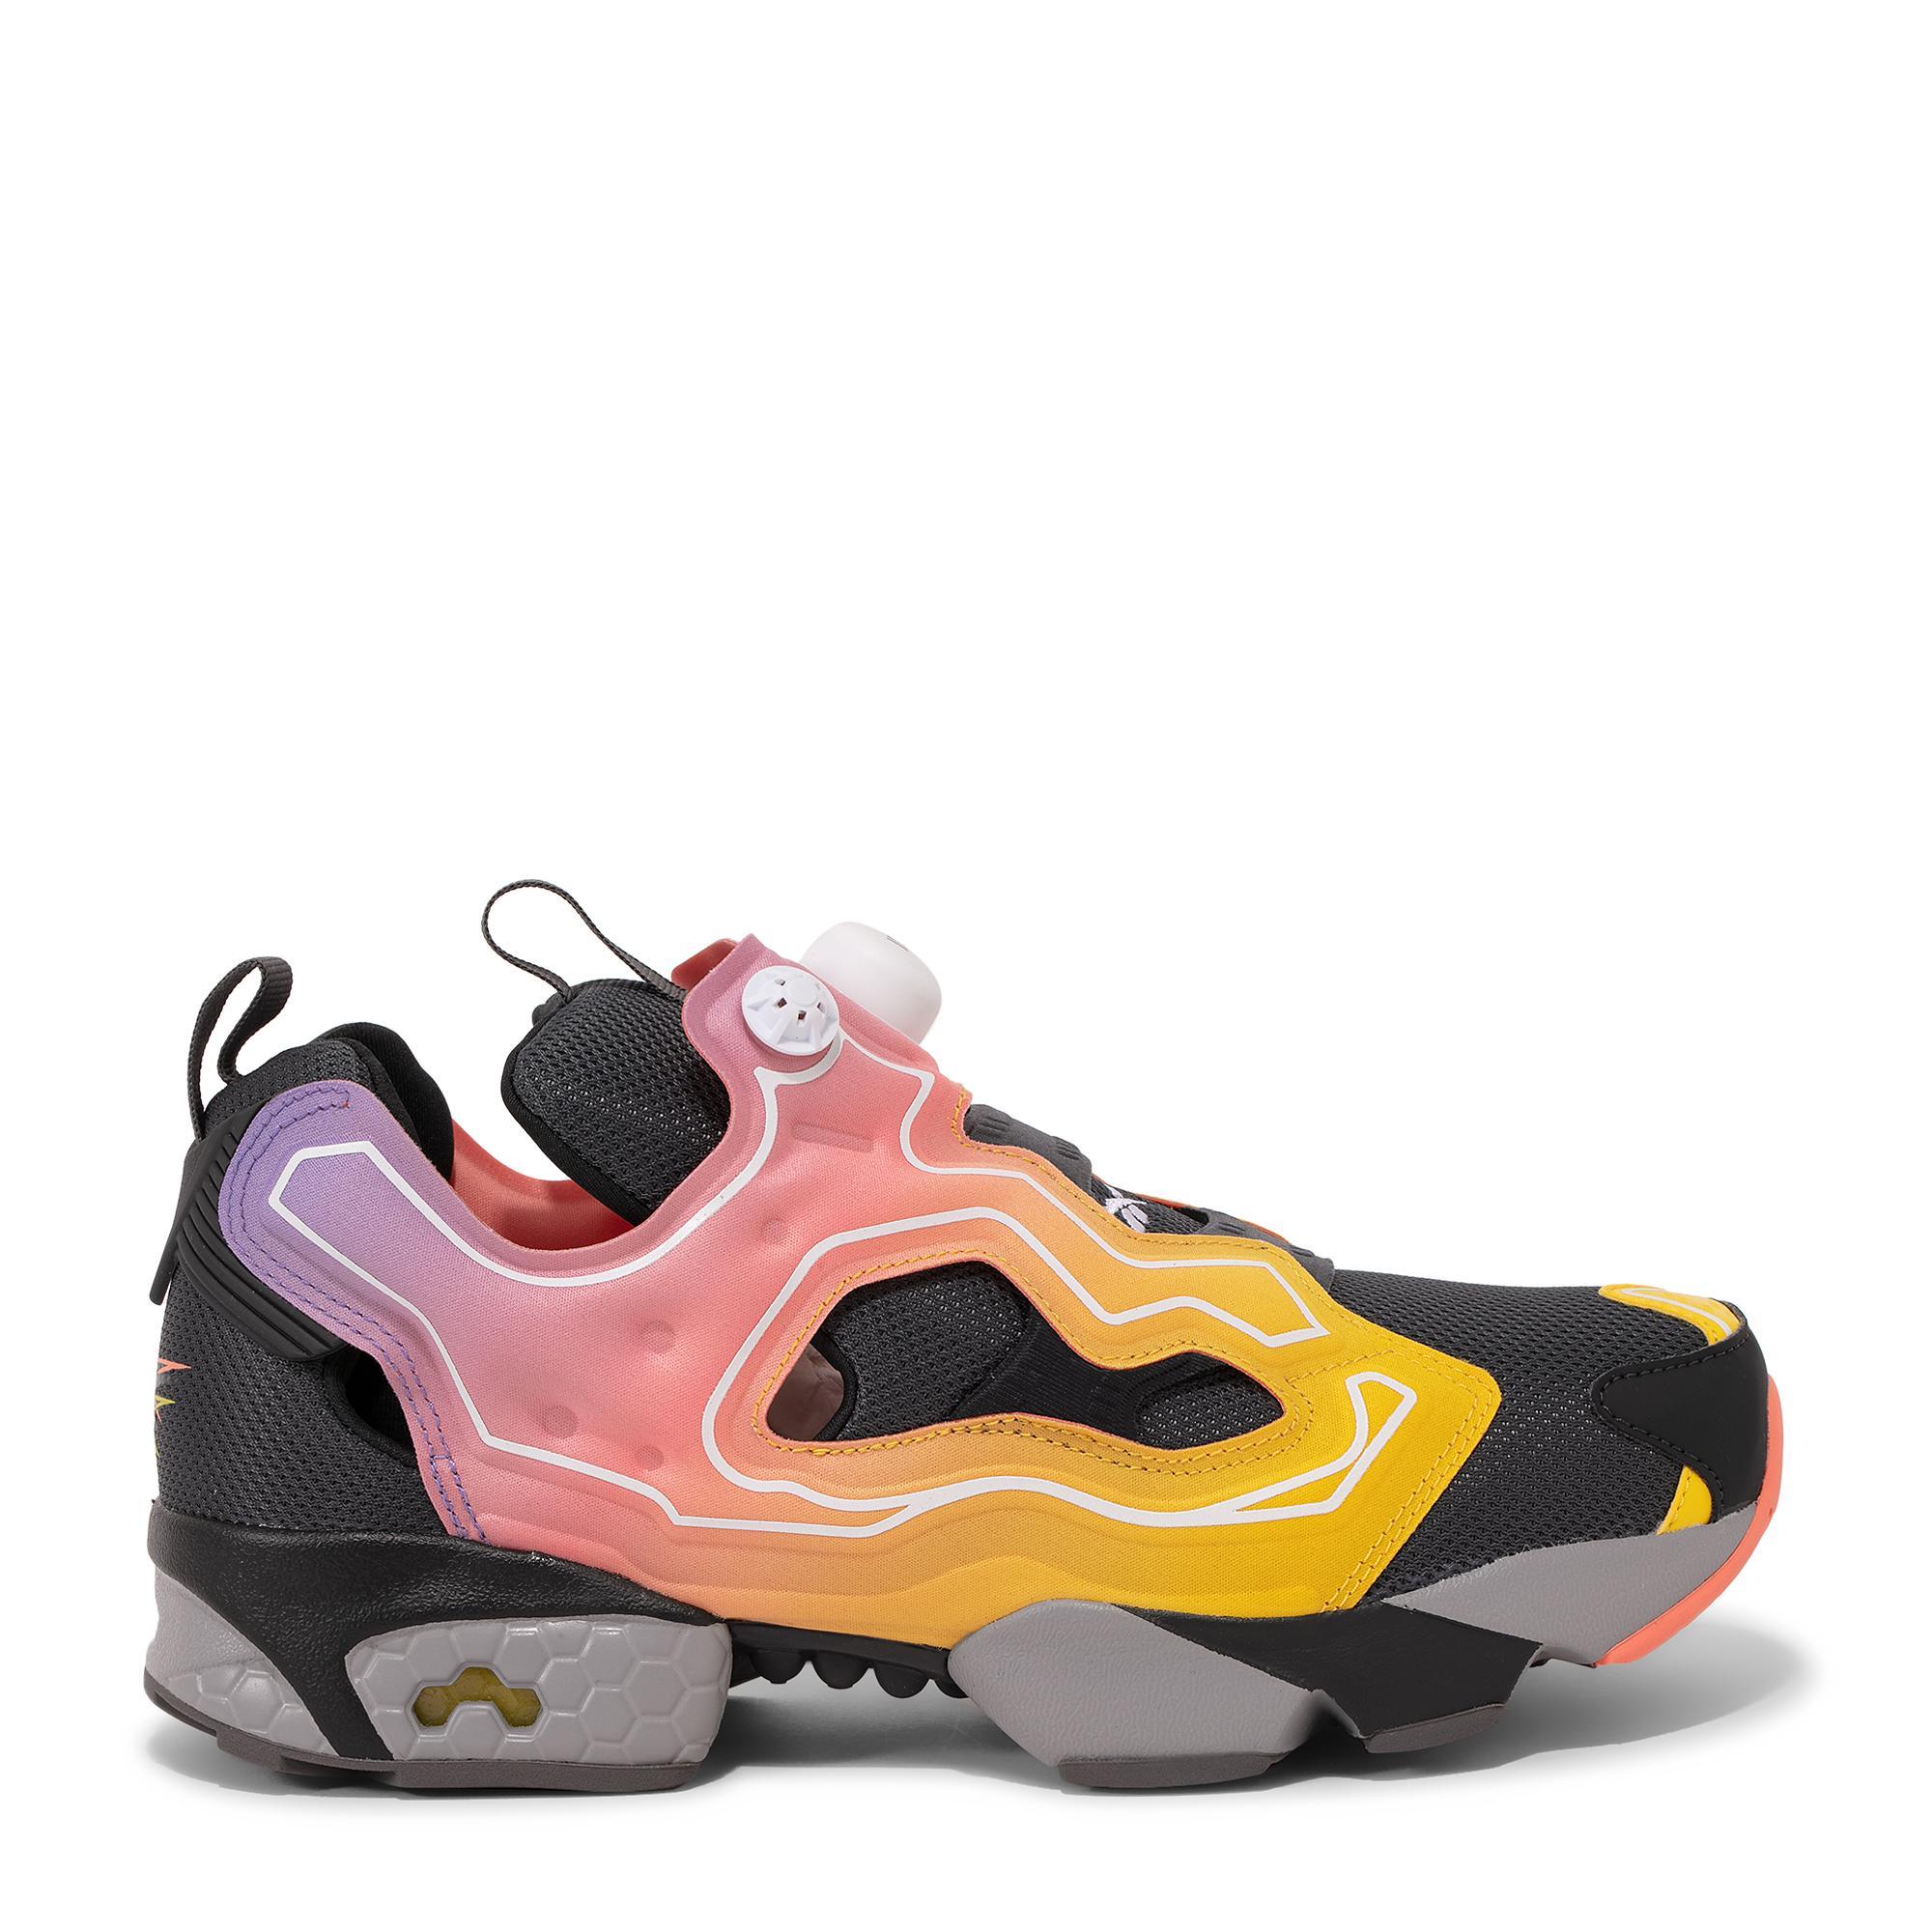 """حذاء """"إنستاپامپ فيوري أو جي"""" الرياضي"""